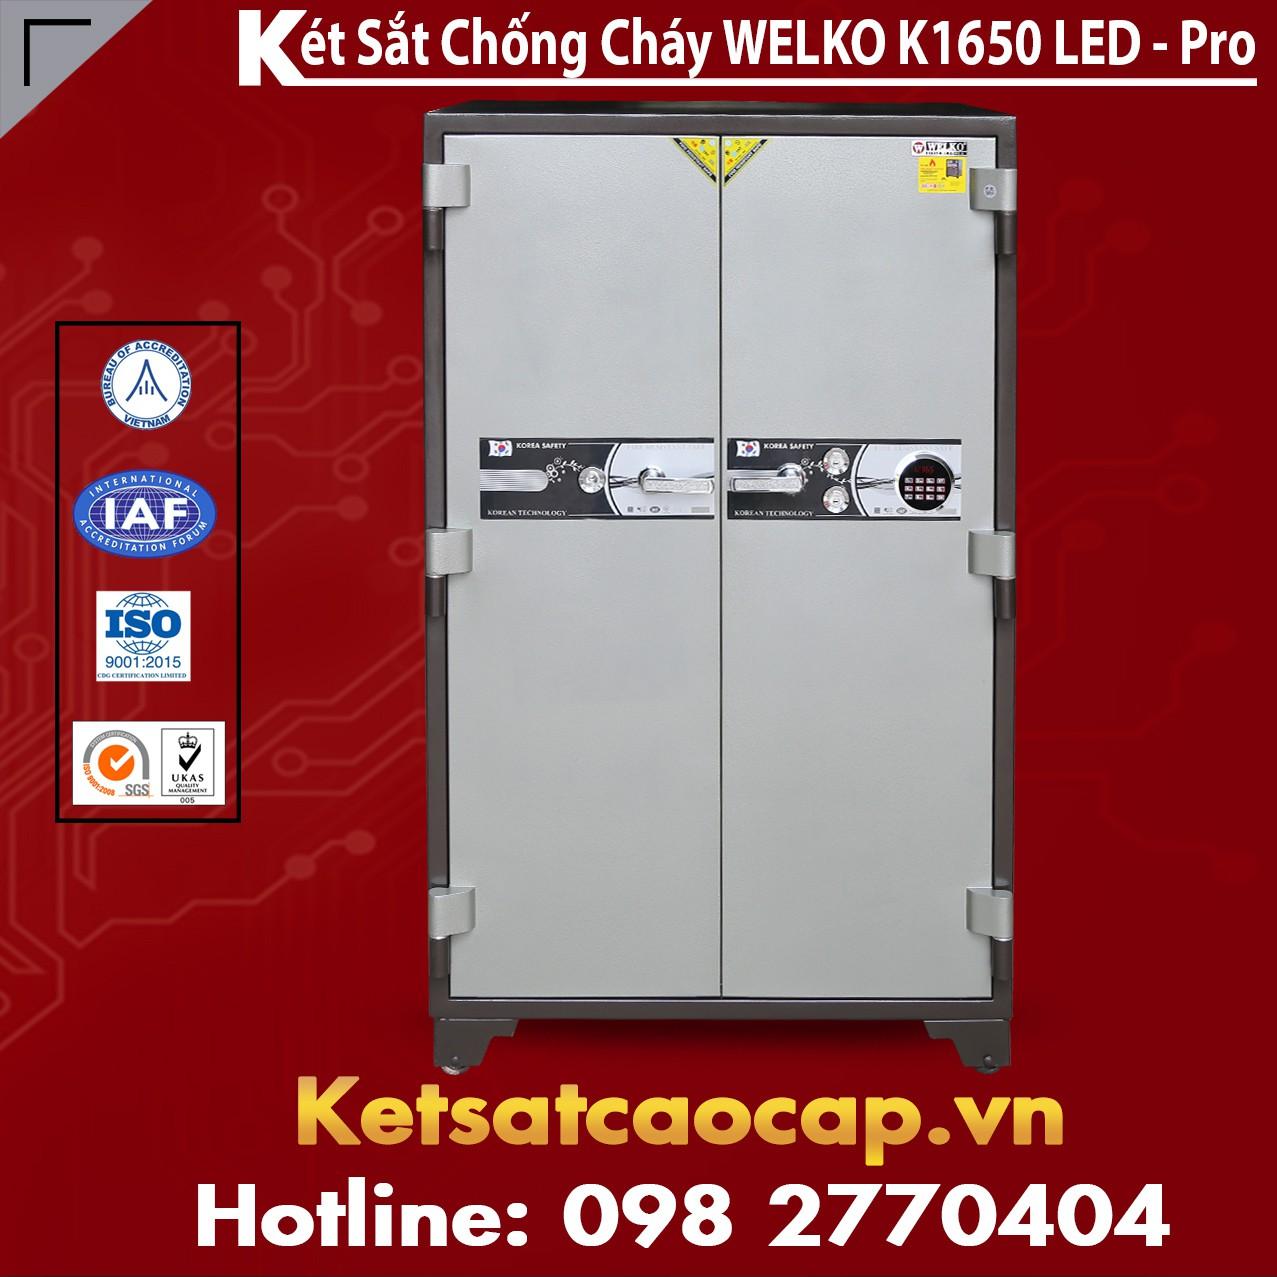 Két Sắt Chống Cháy Welko K1650 LED - Pro